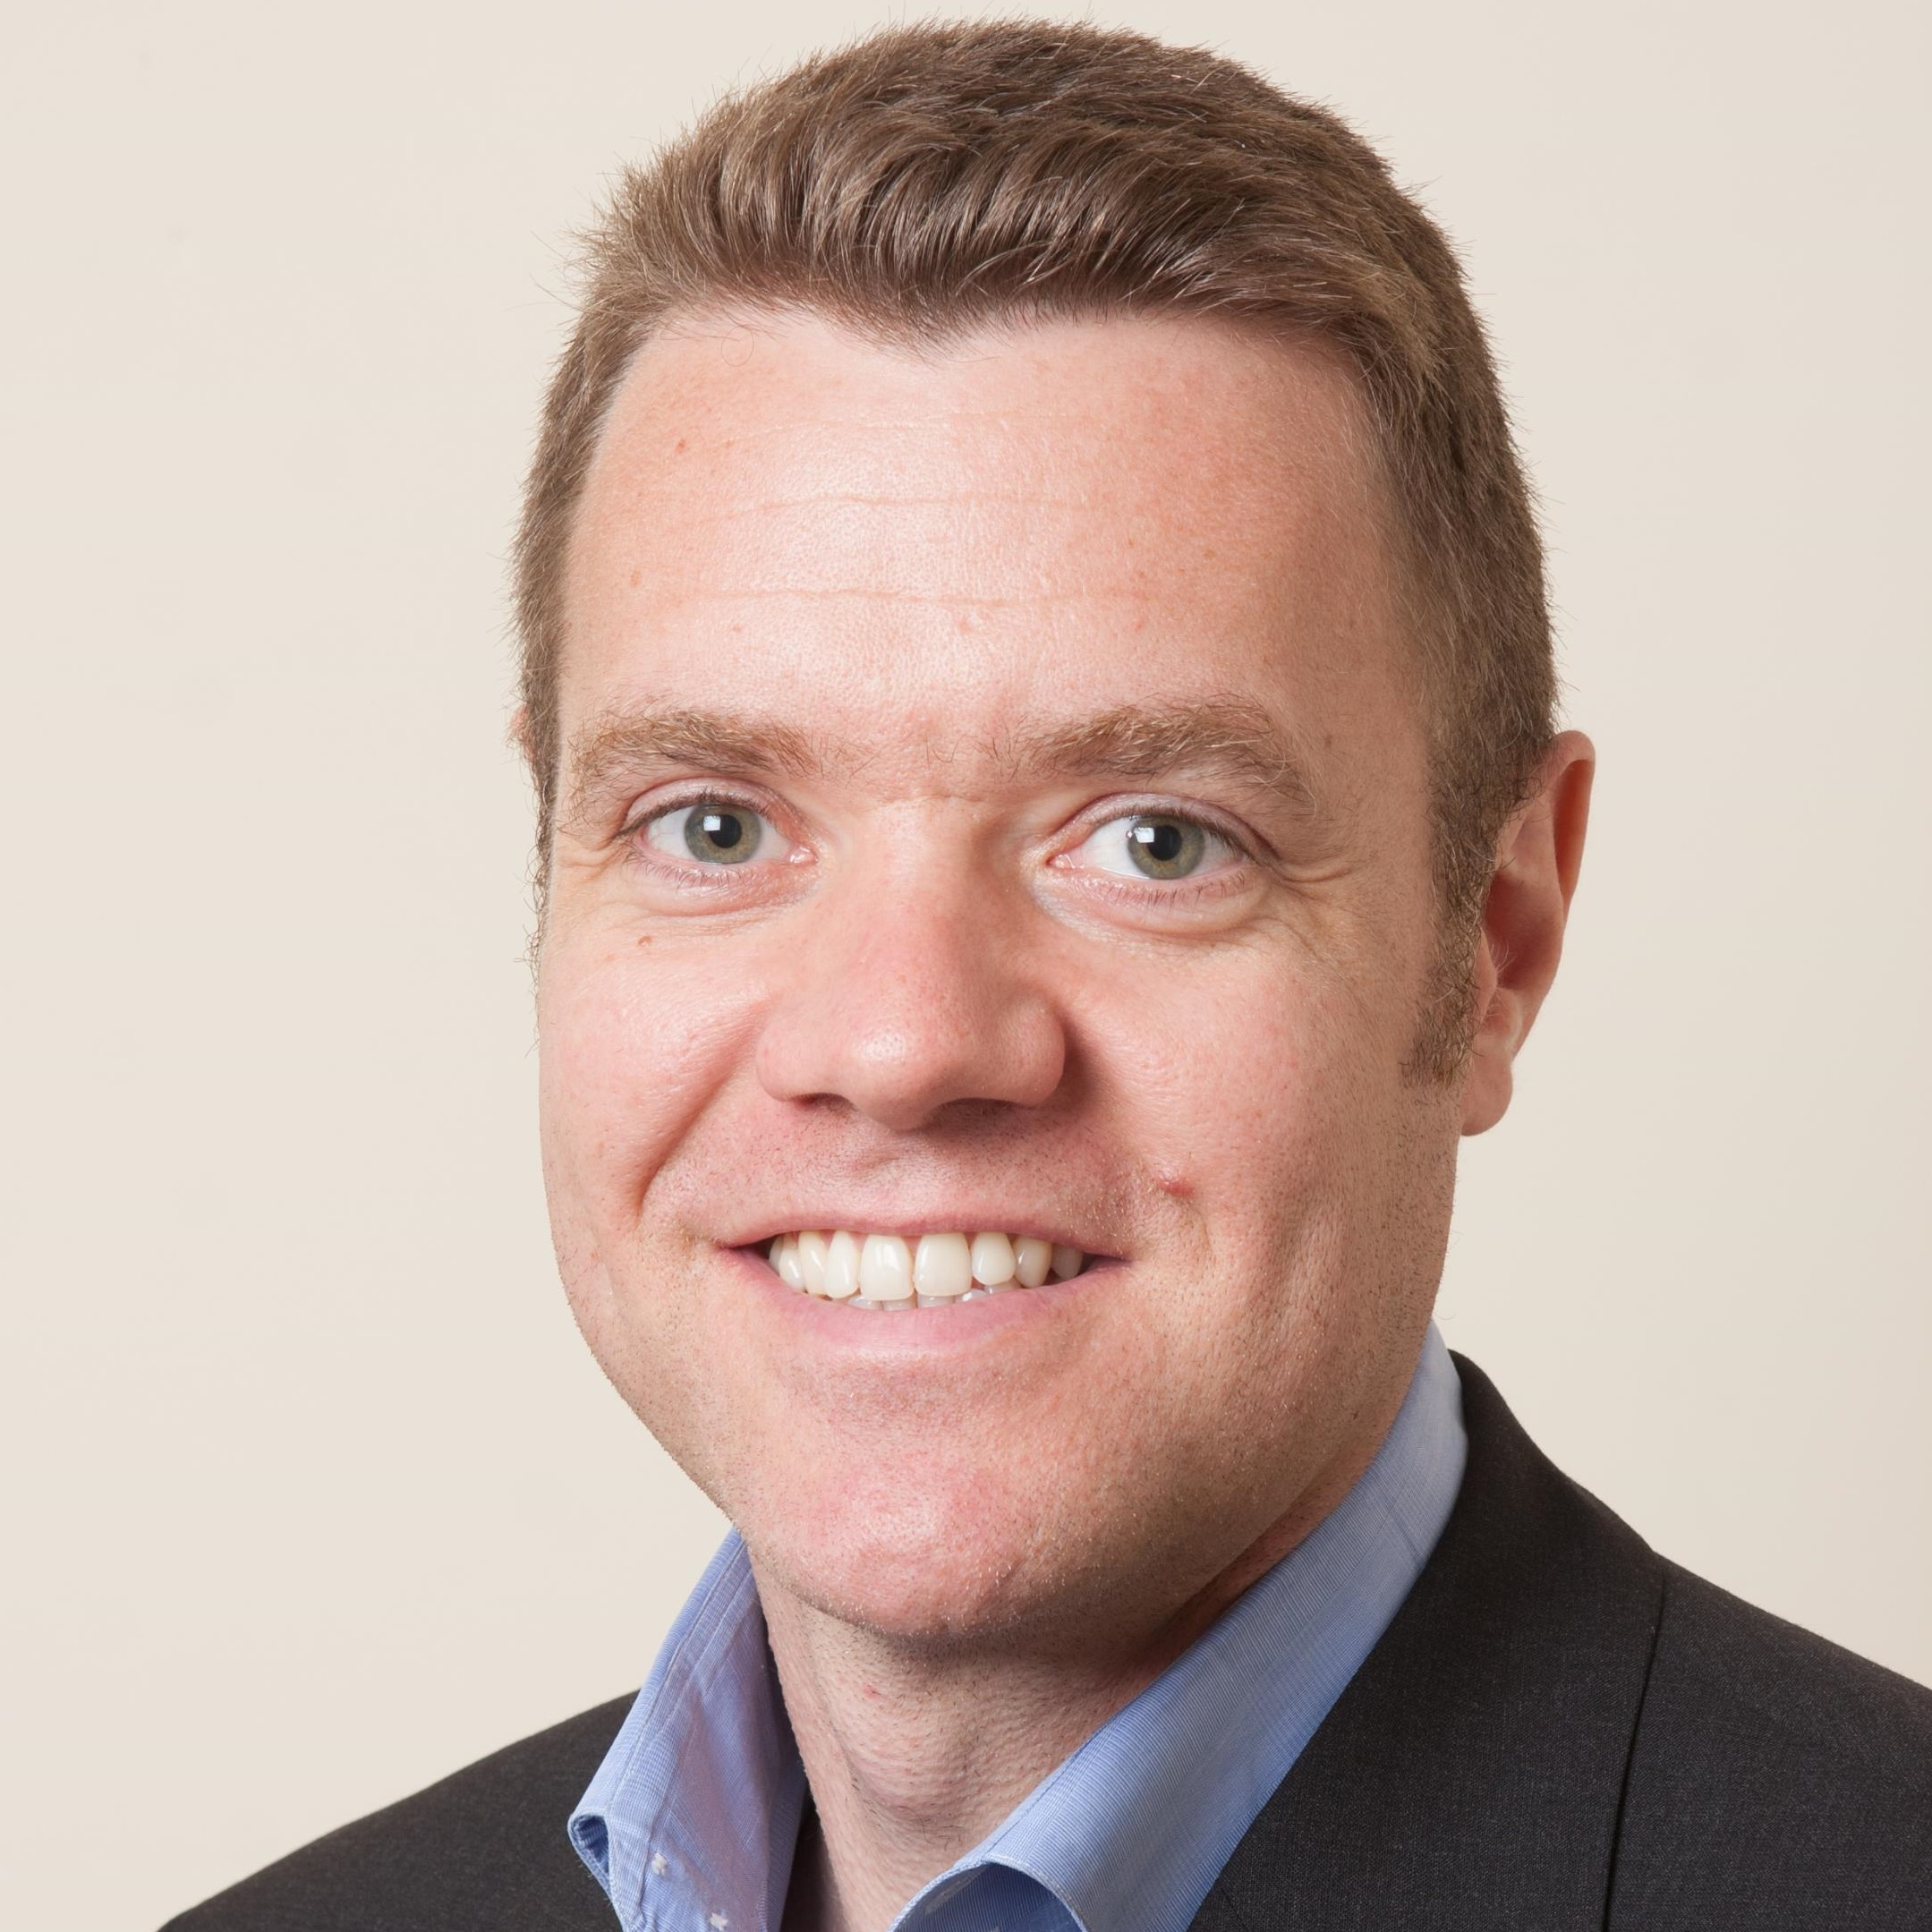 Stephen Johnston - Co-Founder, Aging 2.0